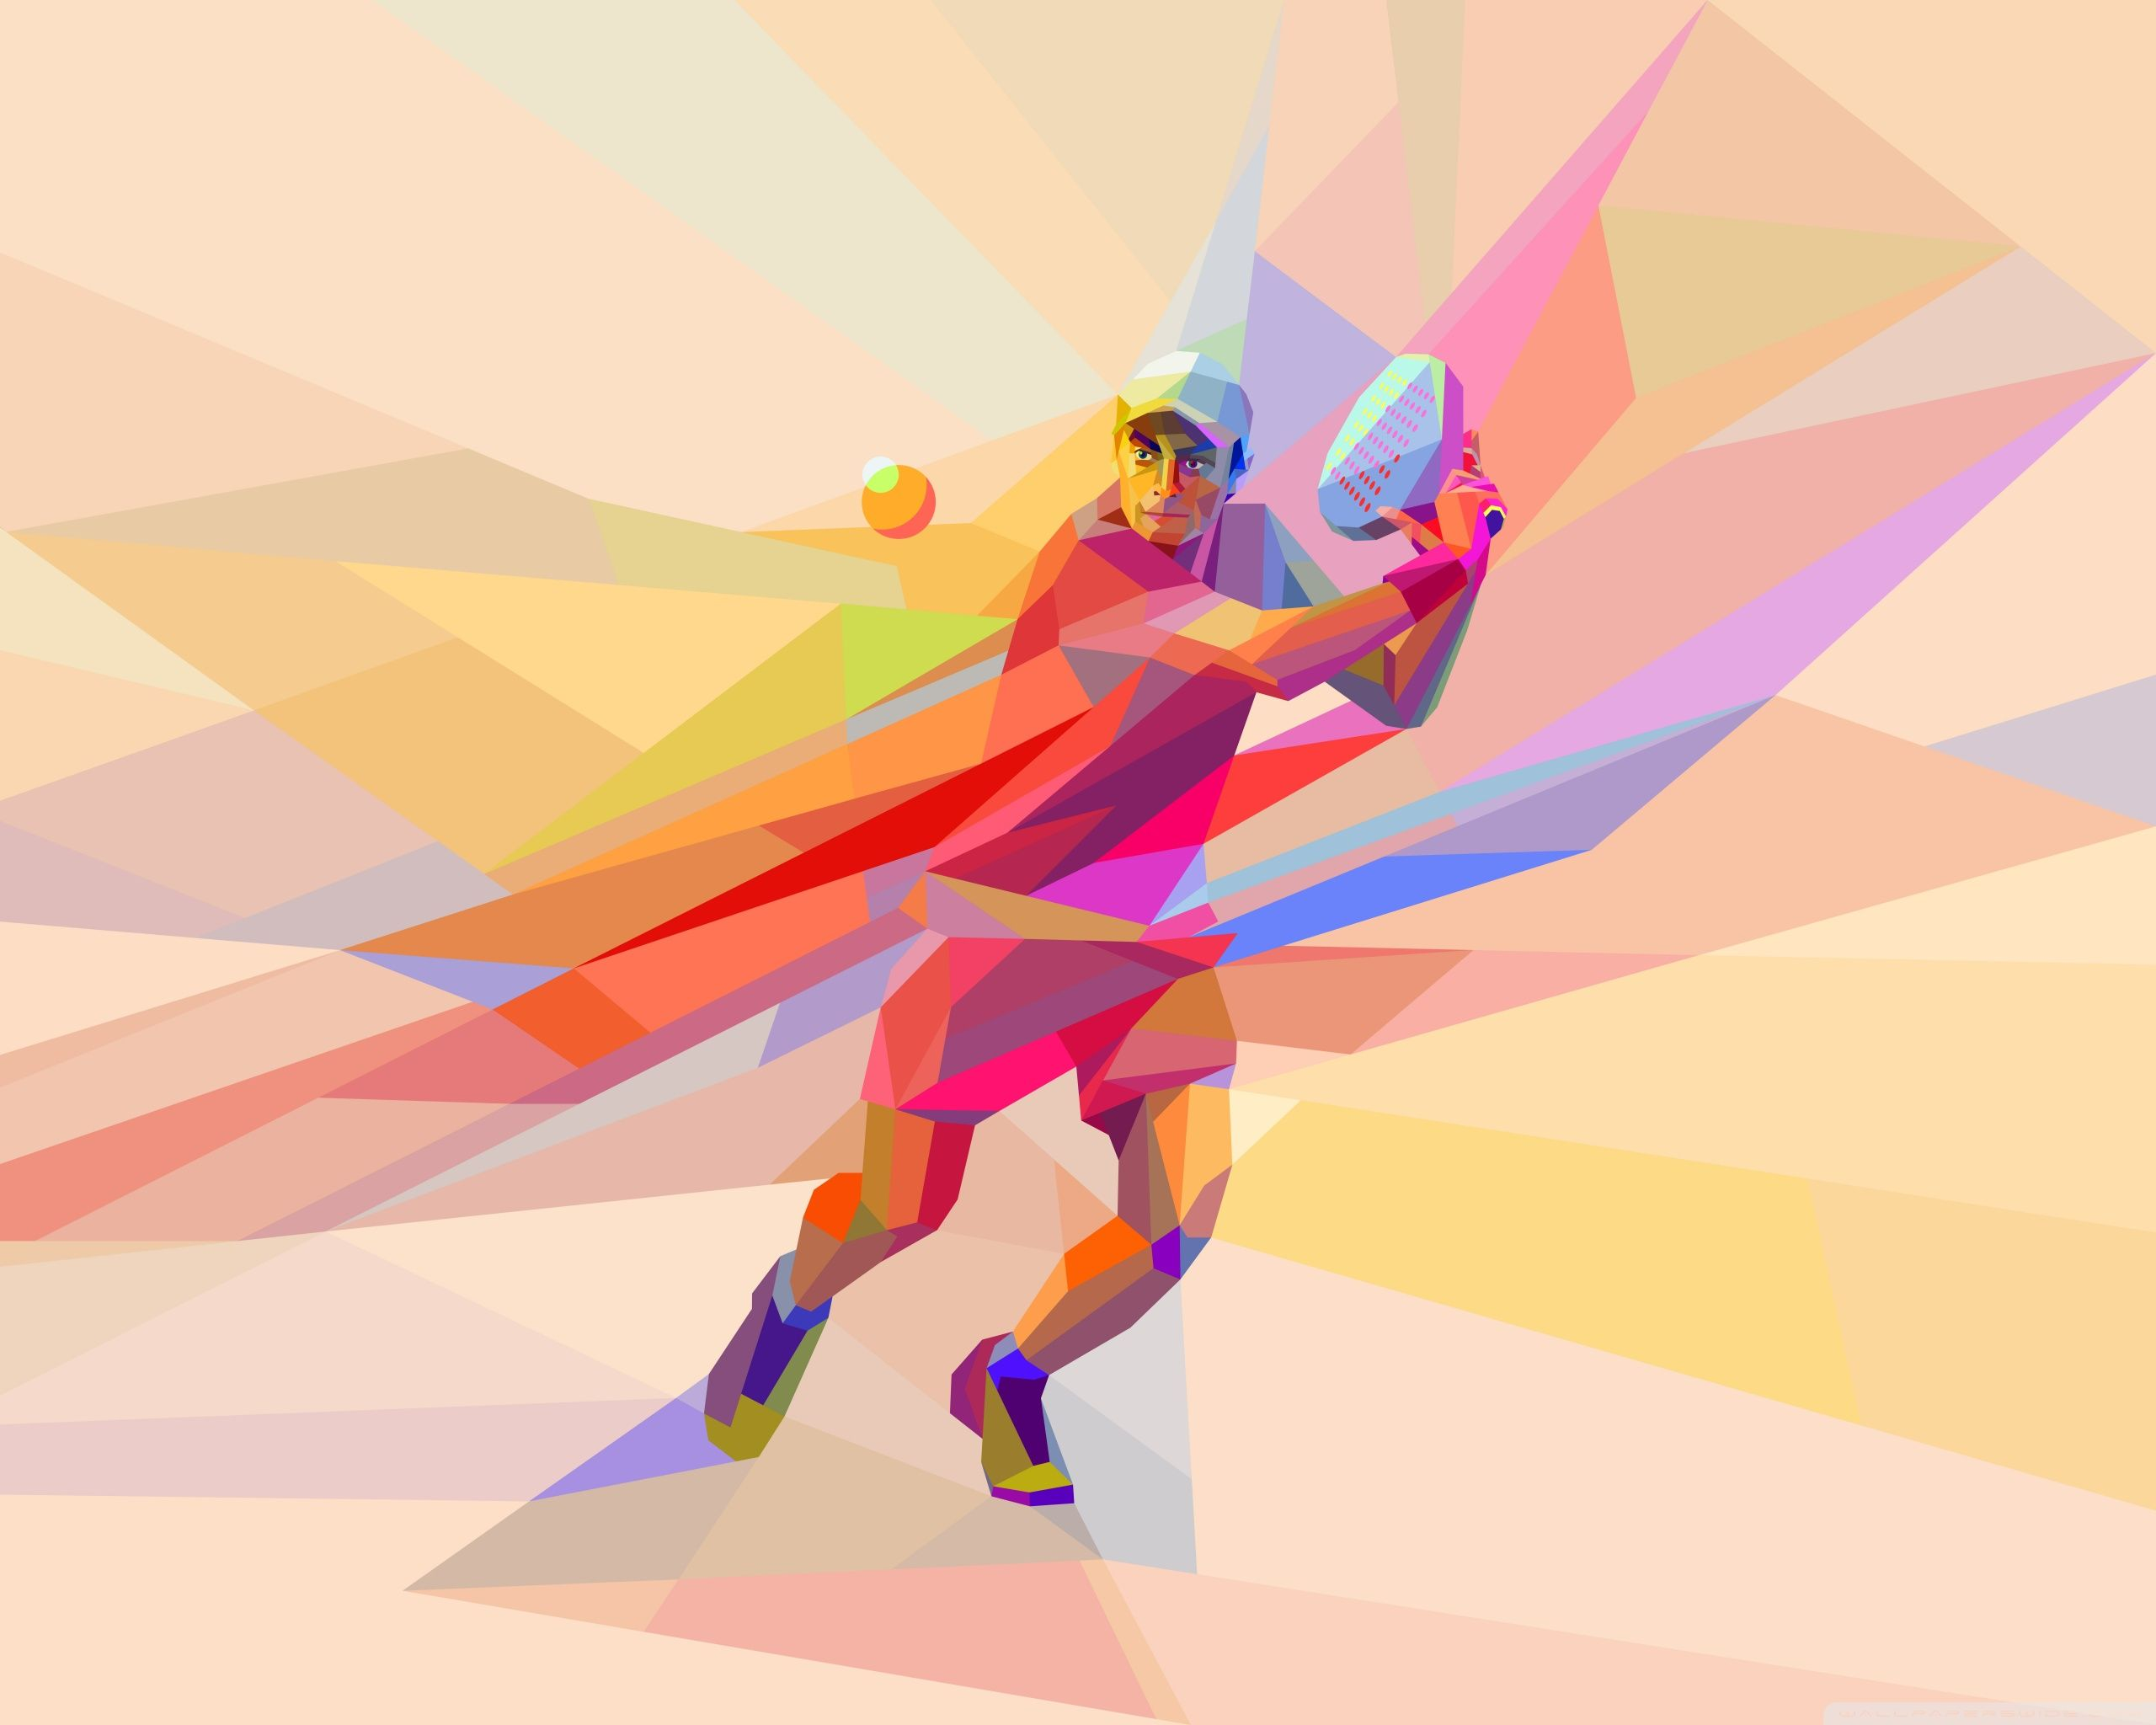 Tennis Ball Hd Desktop Wallpaper High Definition Fullscreen Tennis Wallpaper Colorful Backgrounds Padel